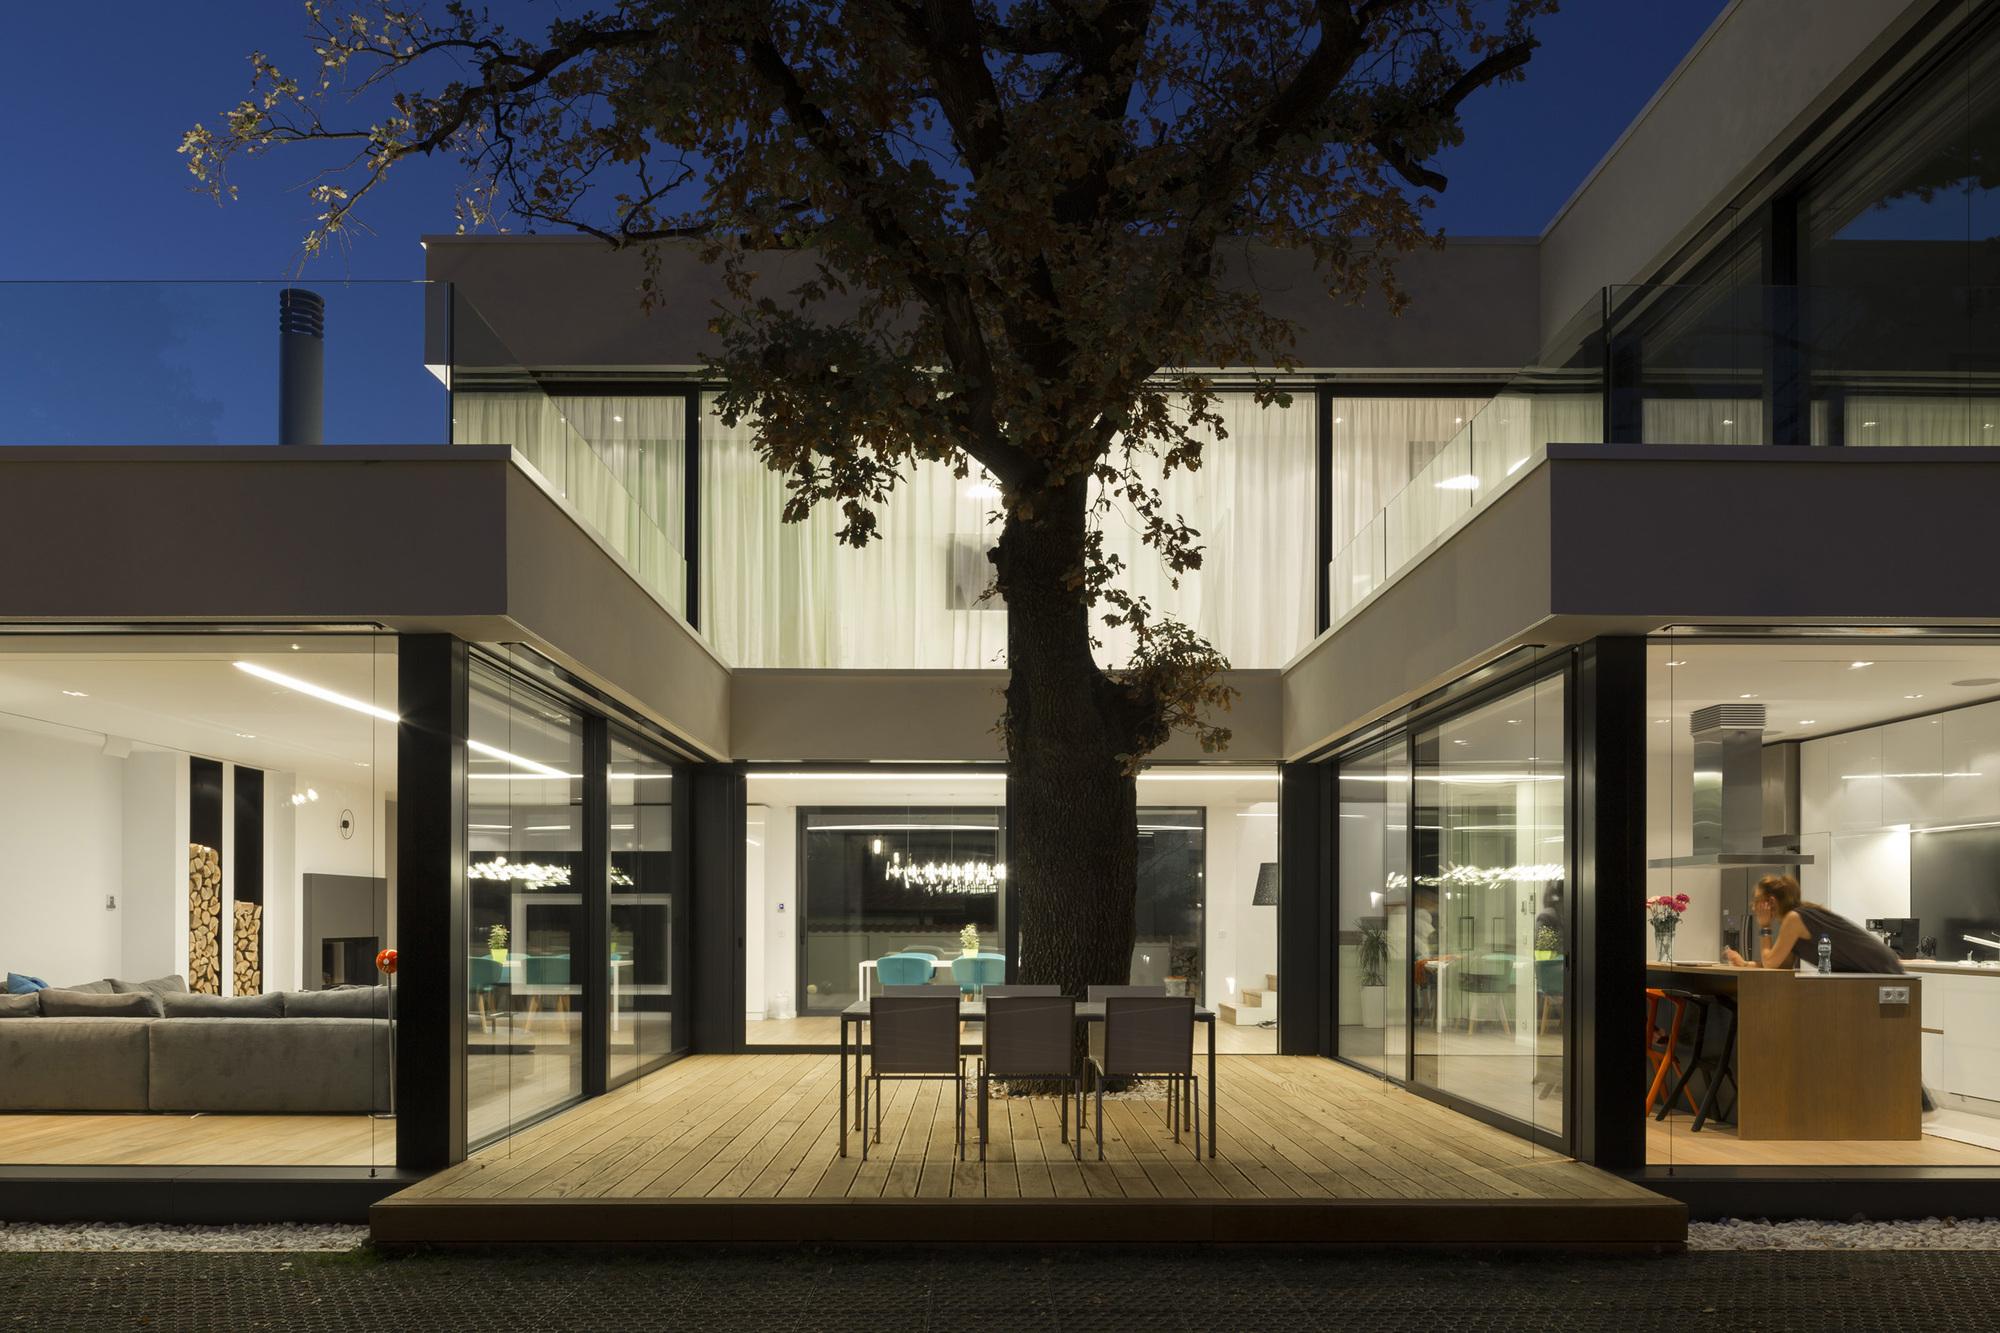 2-oaks-house-obia_obia_2oaks_image_02_georgi_ivanov